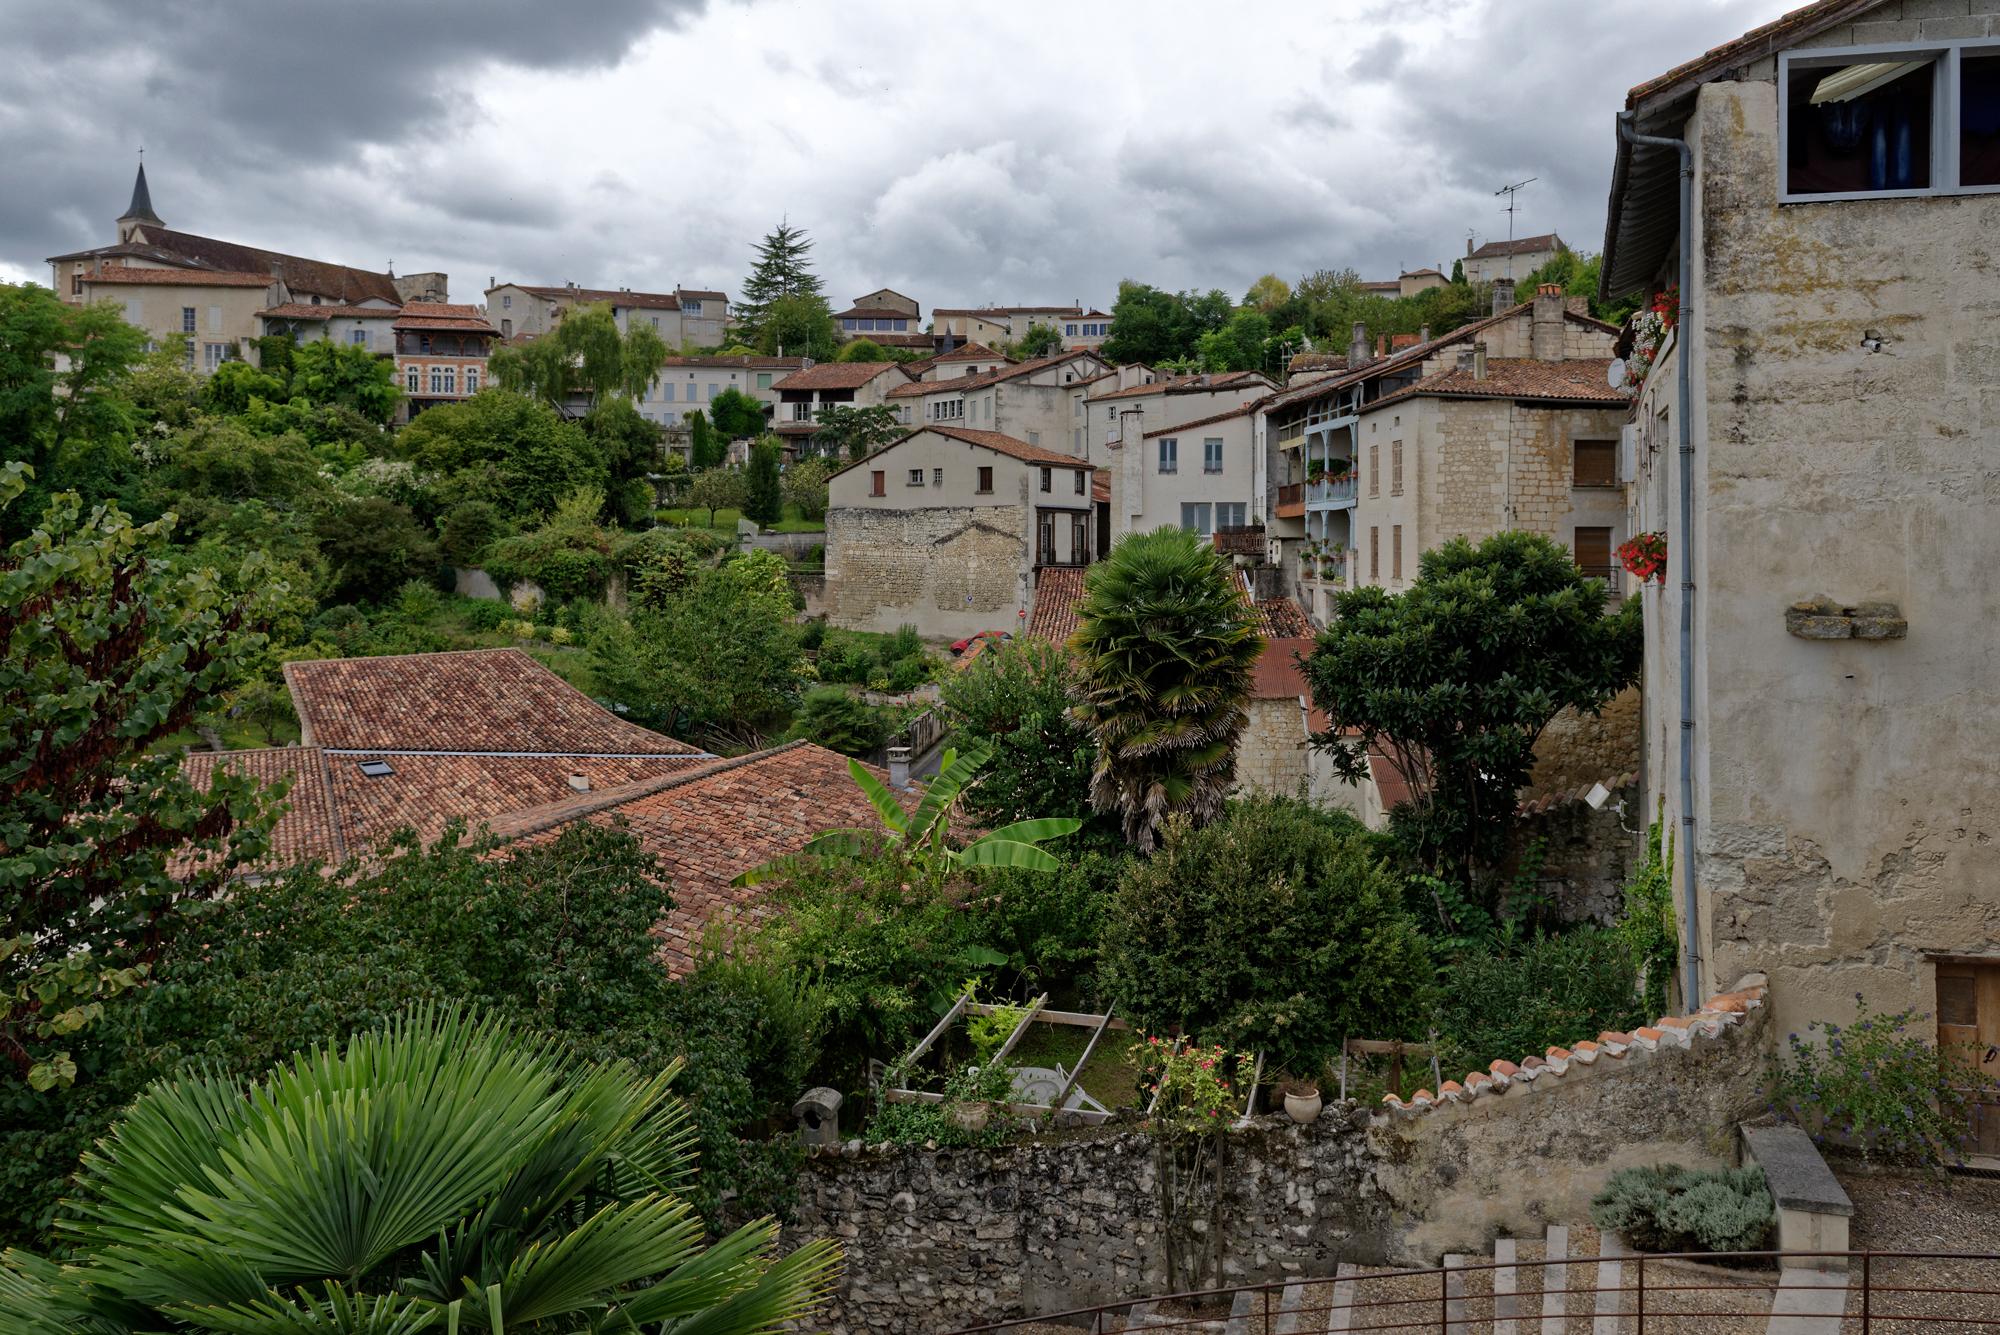 Aubeterre-sur-Dronne, ein idyllisches Dorf über dem Tal der Dronne